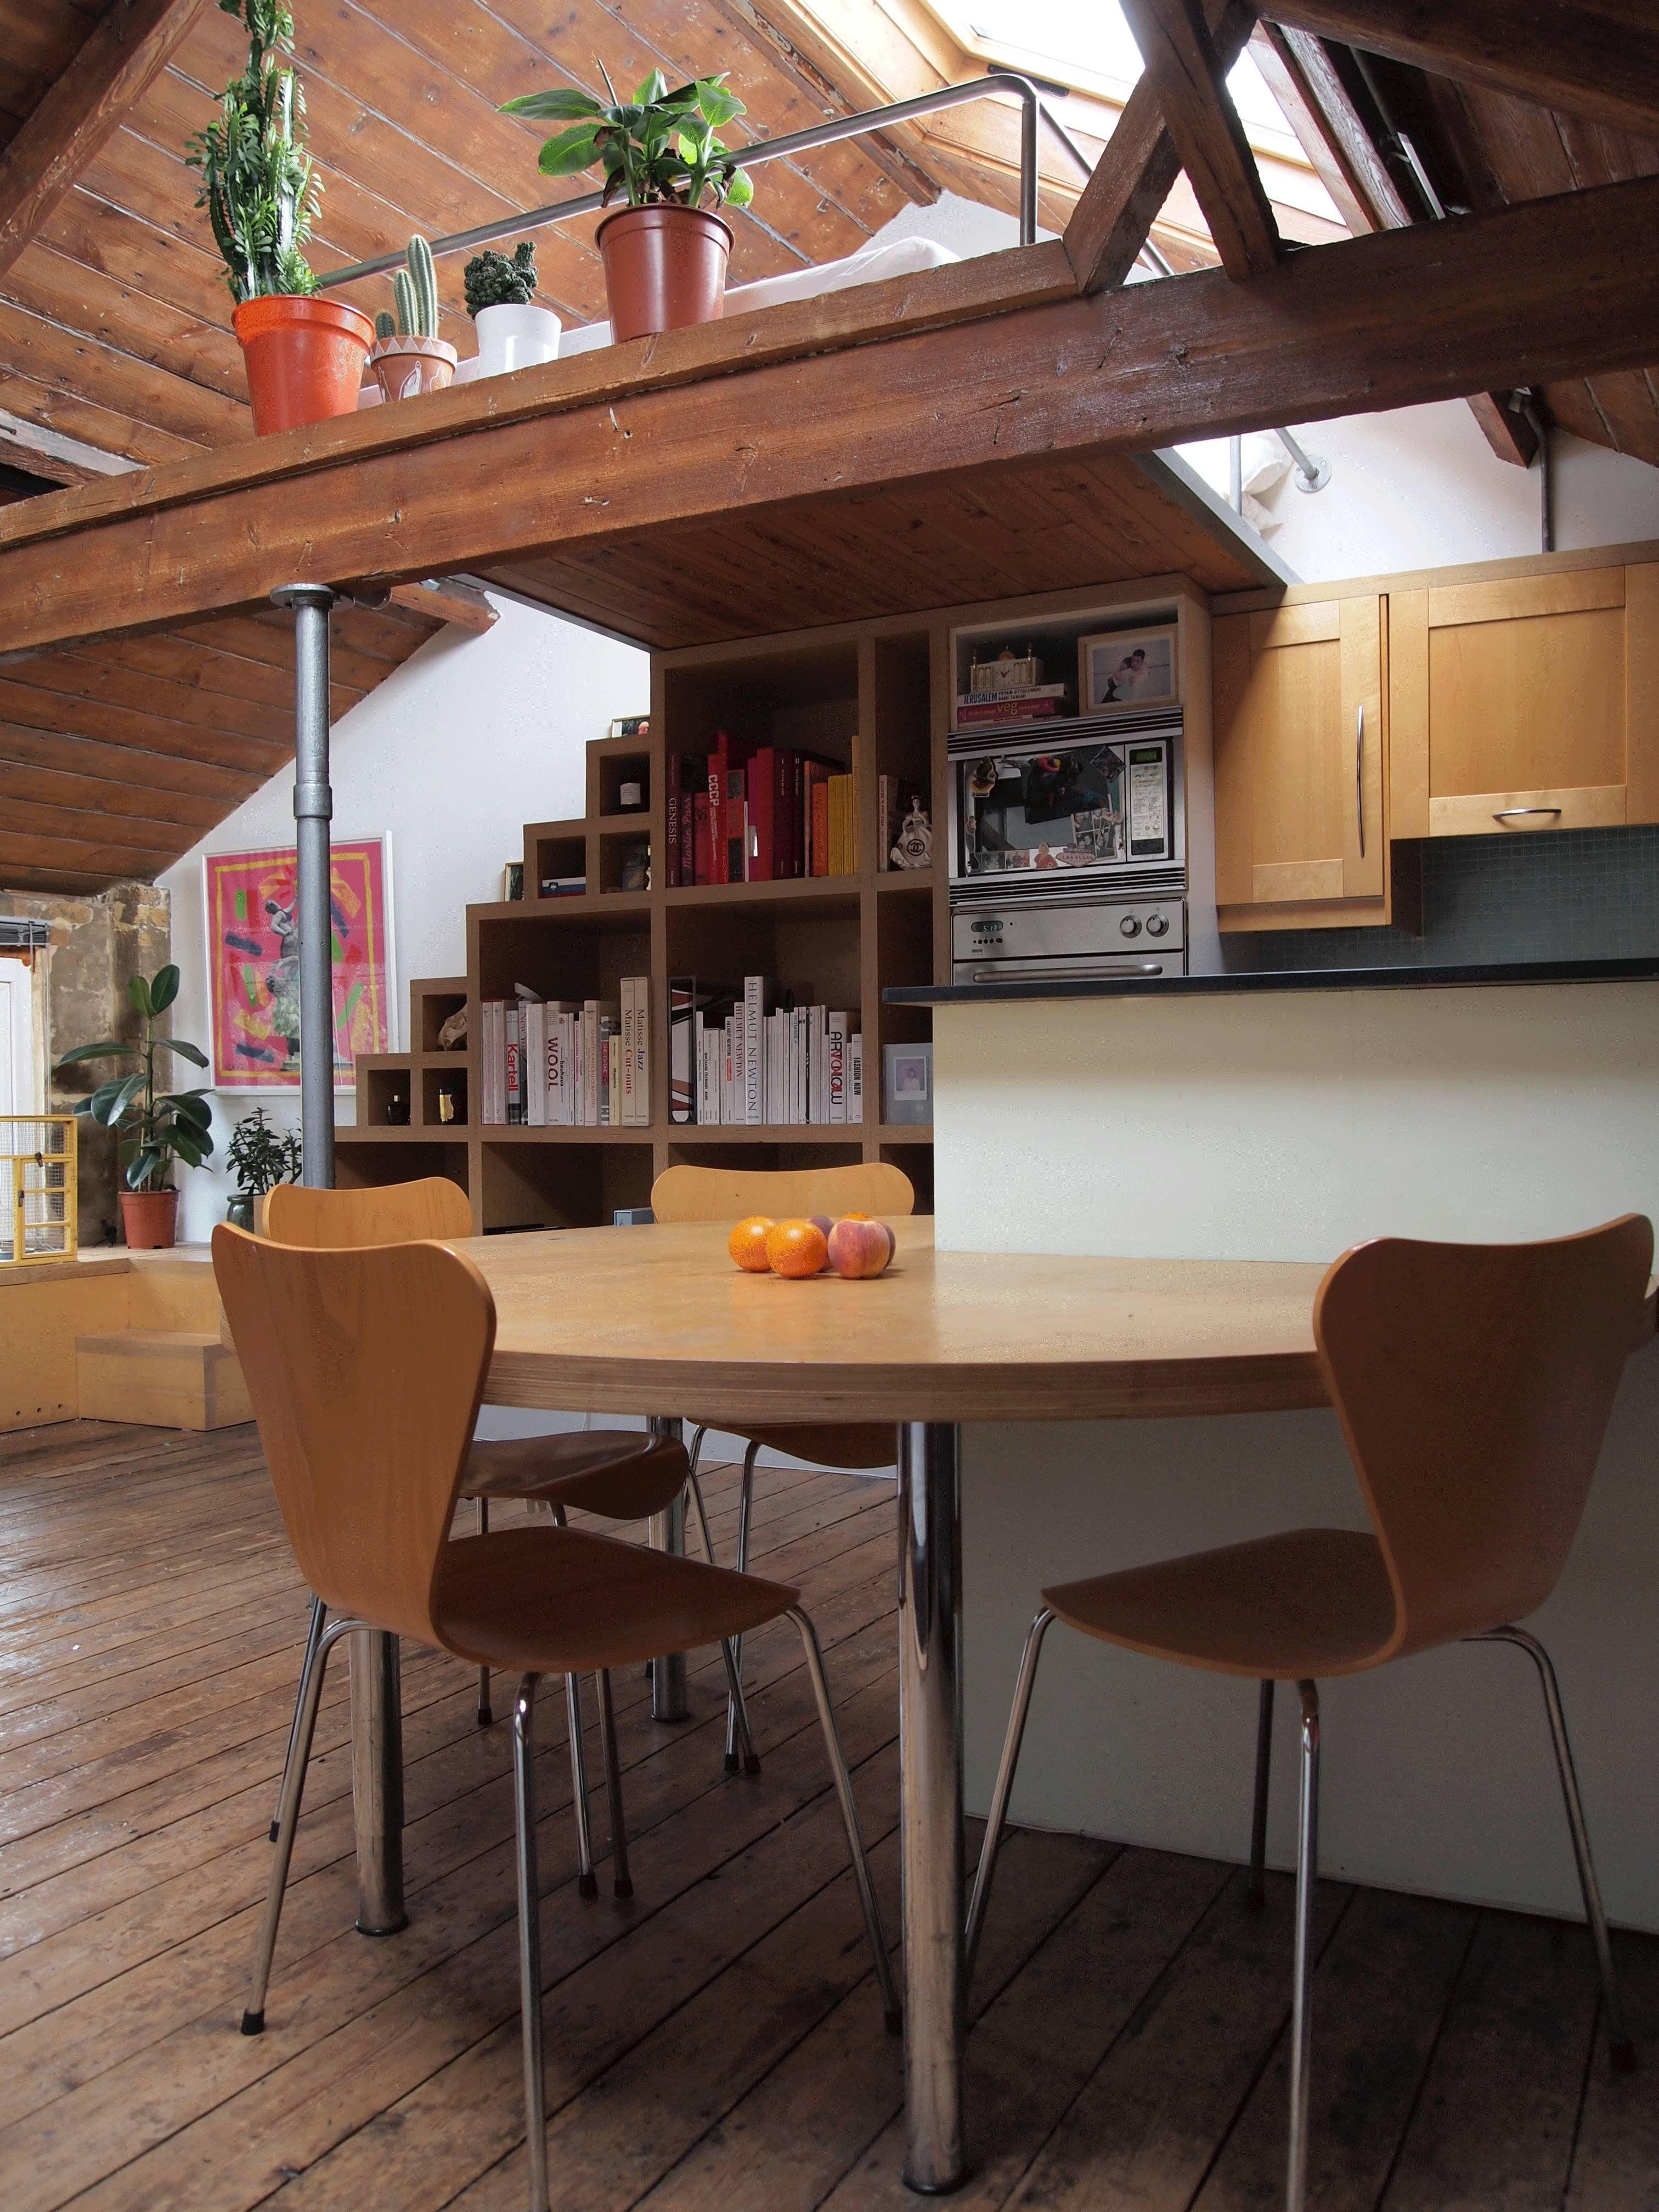 Jose & Oliver's Lofty Living in London Decoración de